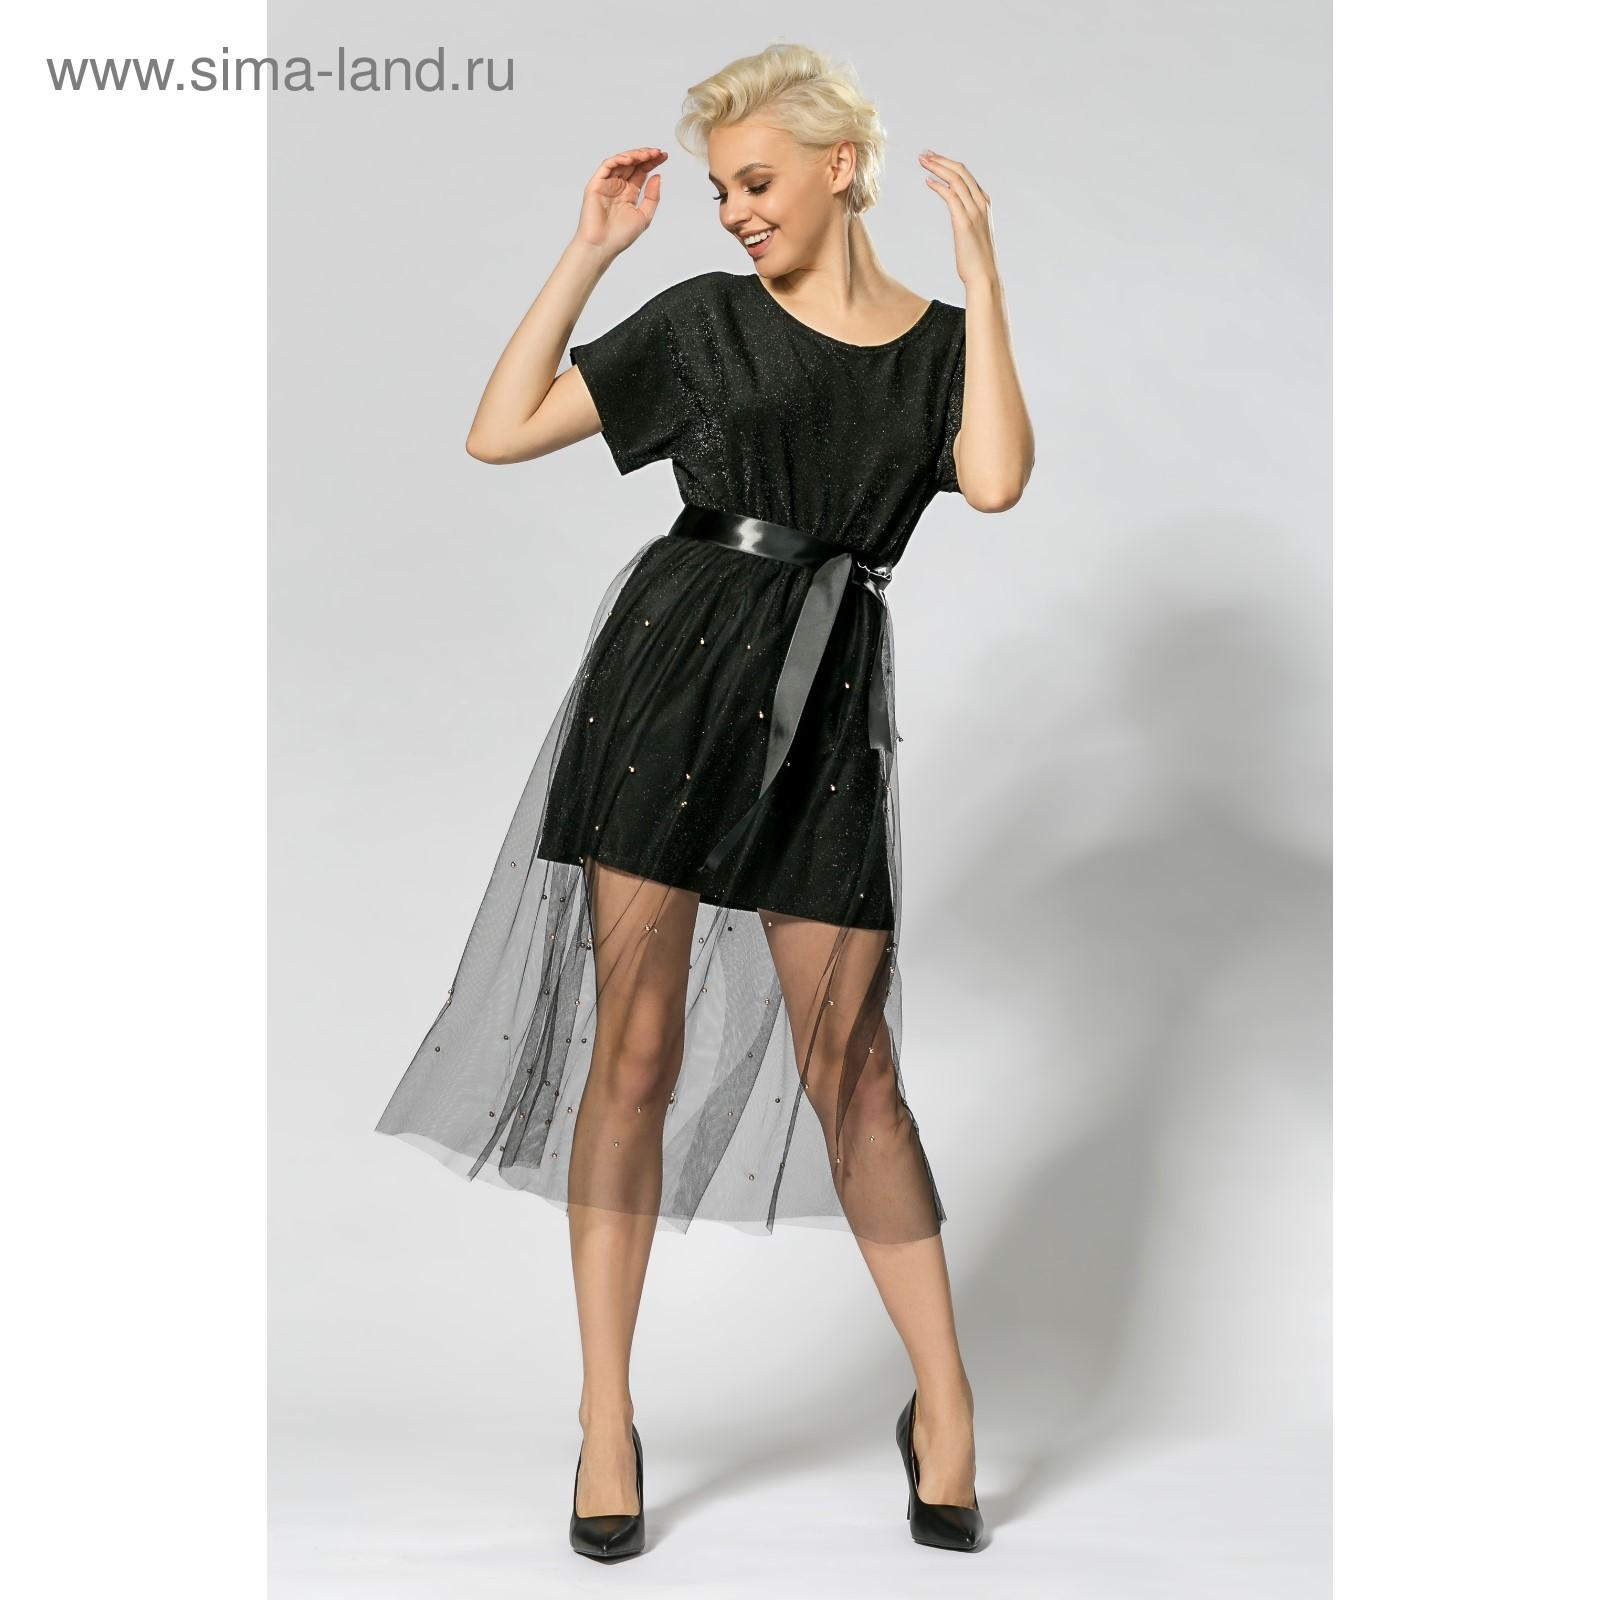 Платье люрекс с фатиновой юбкой 34b097392dda0